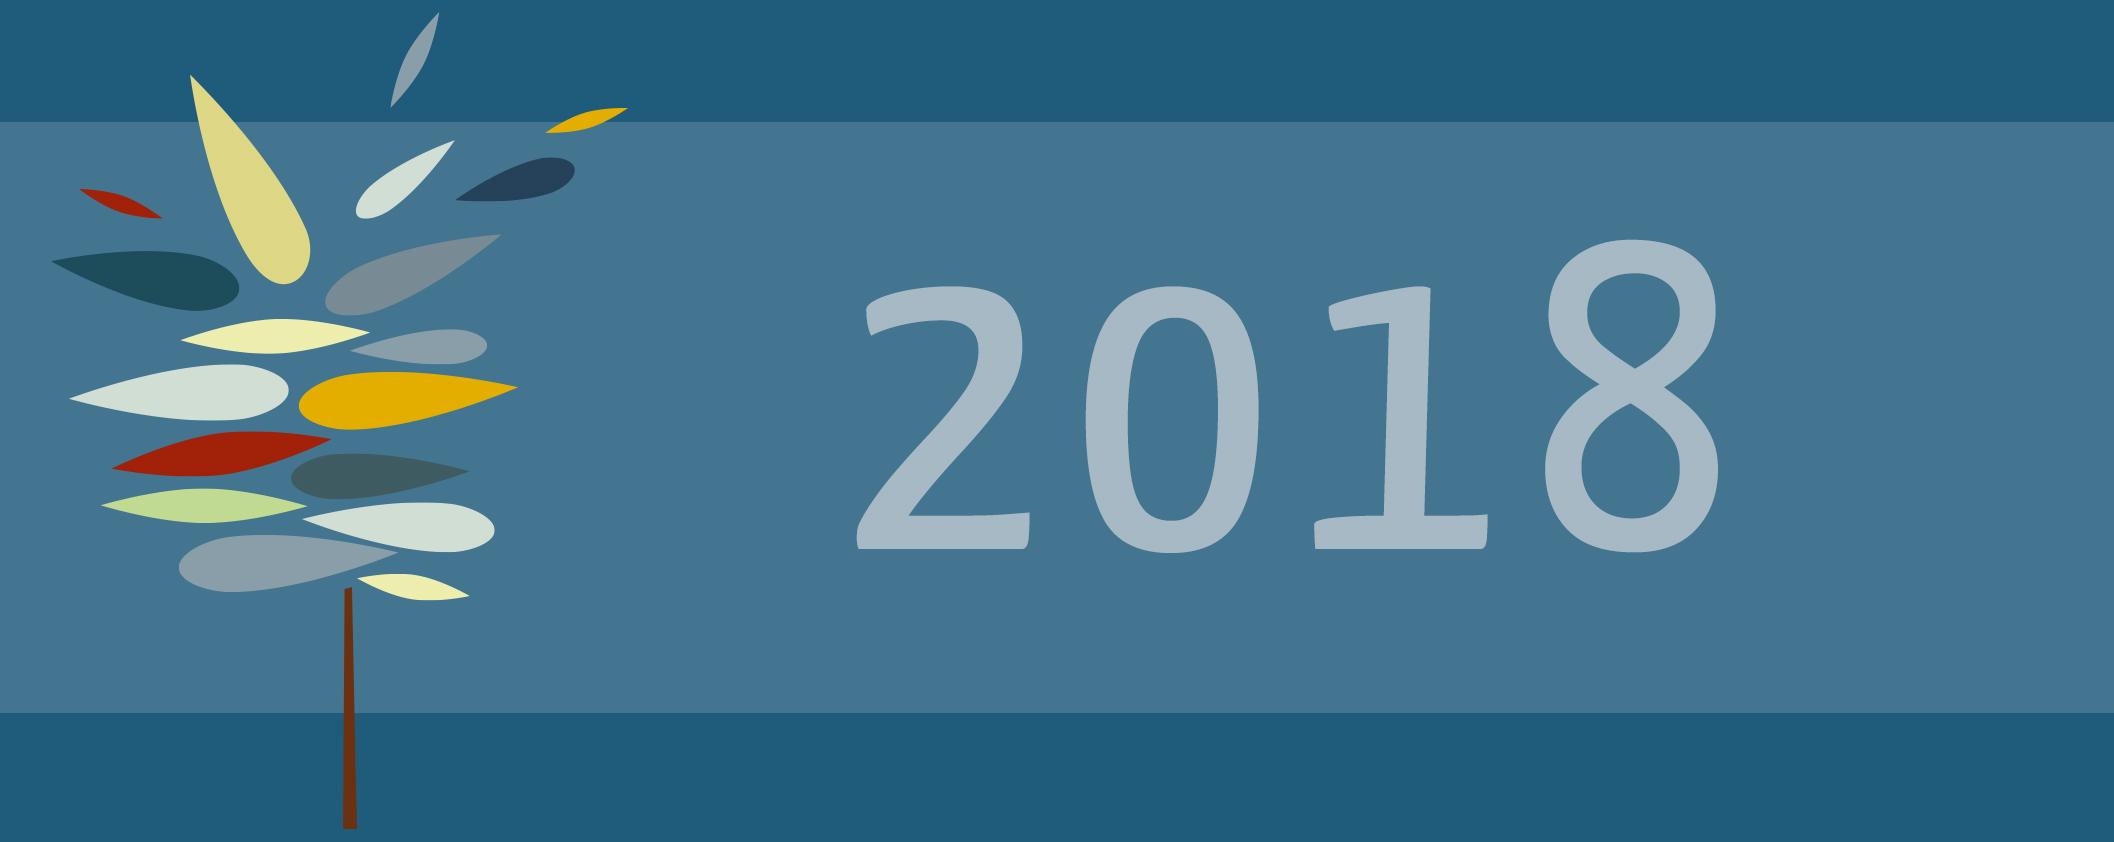 2018, Jahresbericht, Verbundenheit